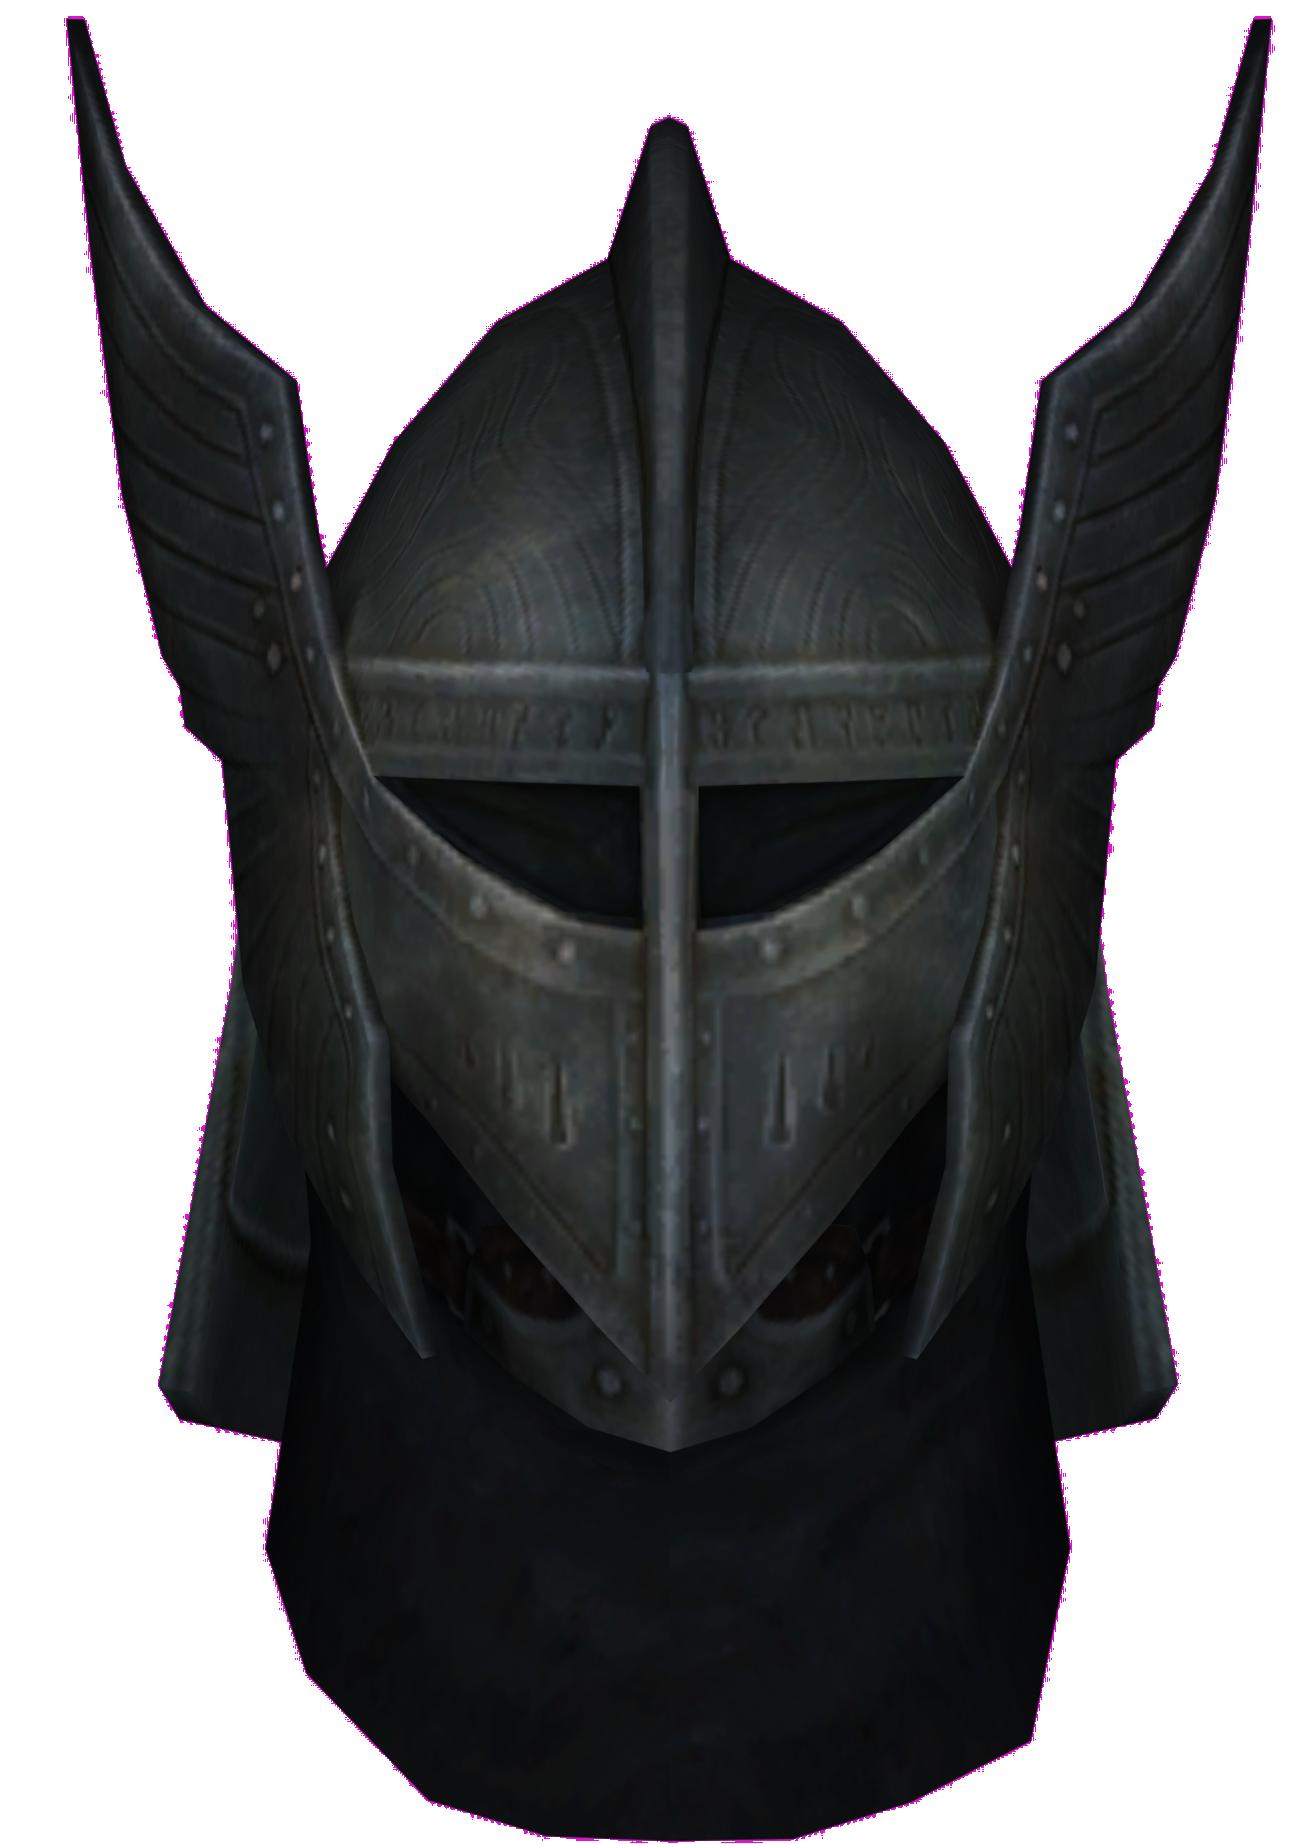 Image steel plate elder. Skyrim helmet png